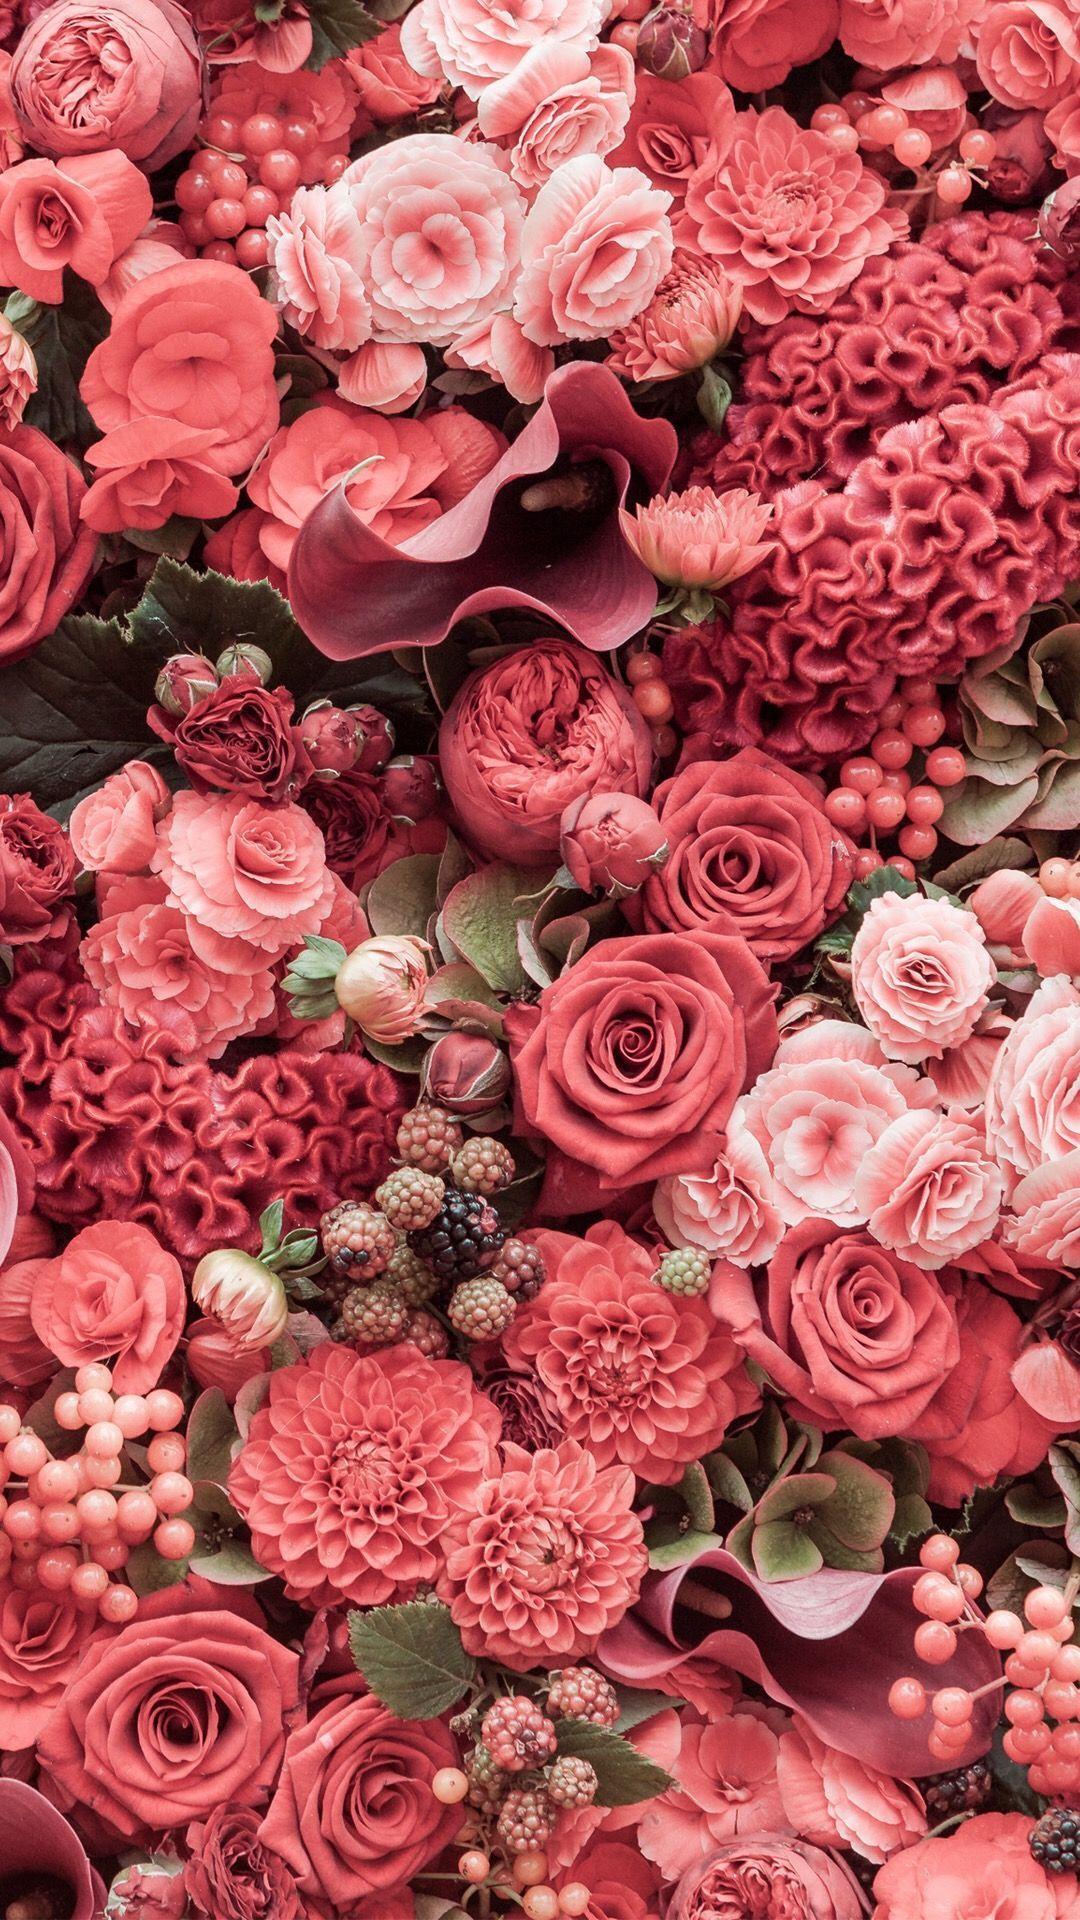 Wallpaper Iphone Vintage 173 Flower Iphone Wallpaper Flower Background Iphone Pink Flowers Wallpaper